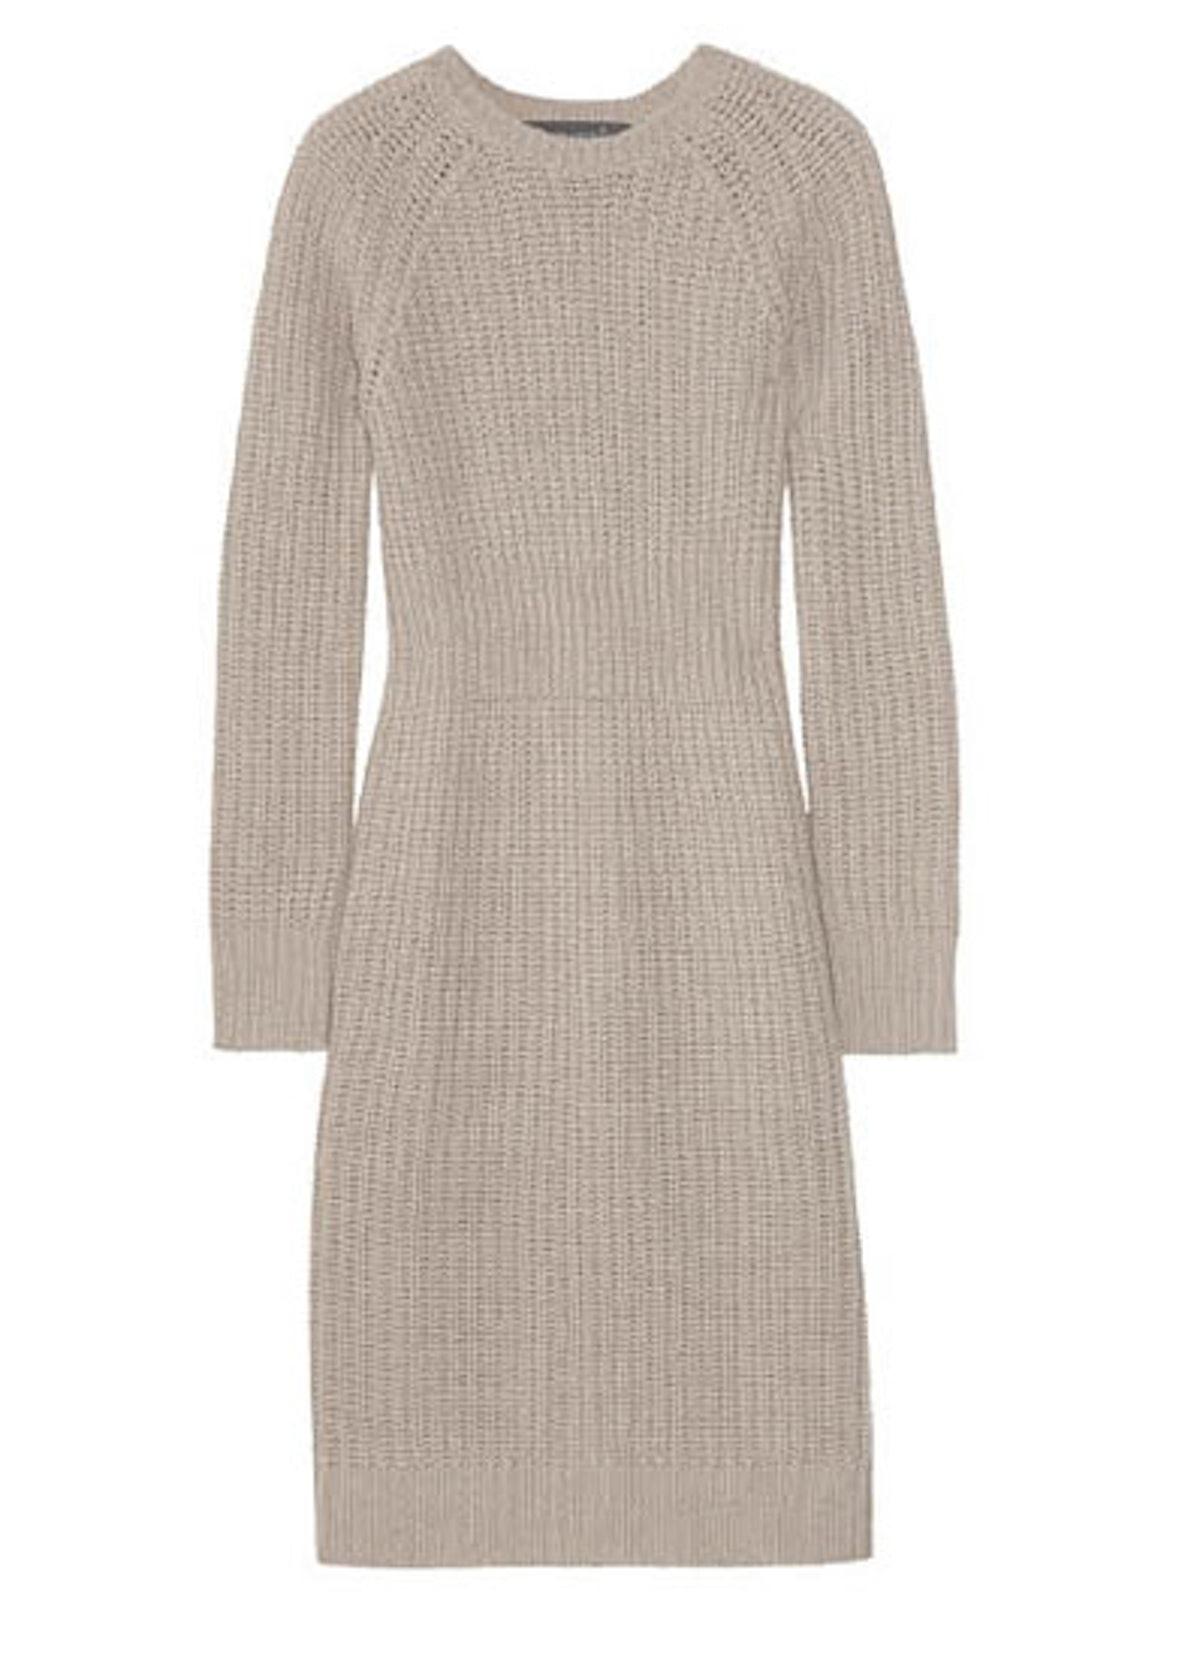 fass-fall-dresses-04-v.jpg